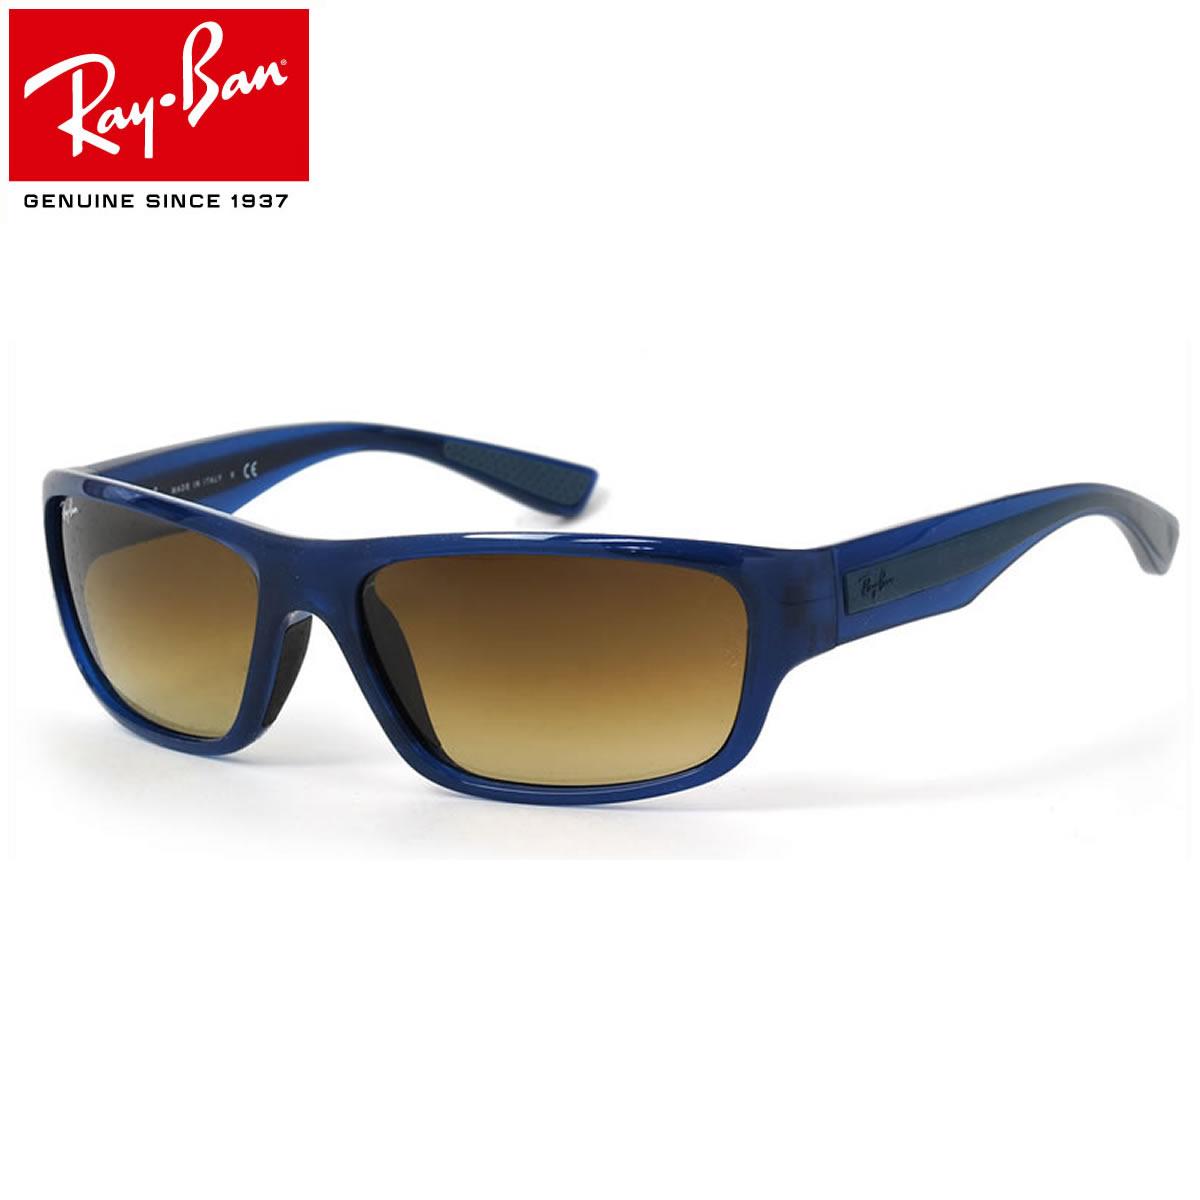 ポイント最大33倍 レイバン サングラス Ray-Ban RB4196 600585 61サイズレイバン RAYBAN 6005/85 メンズ レディース